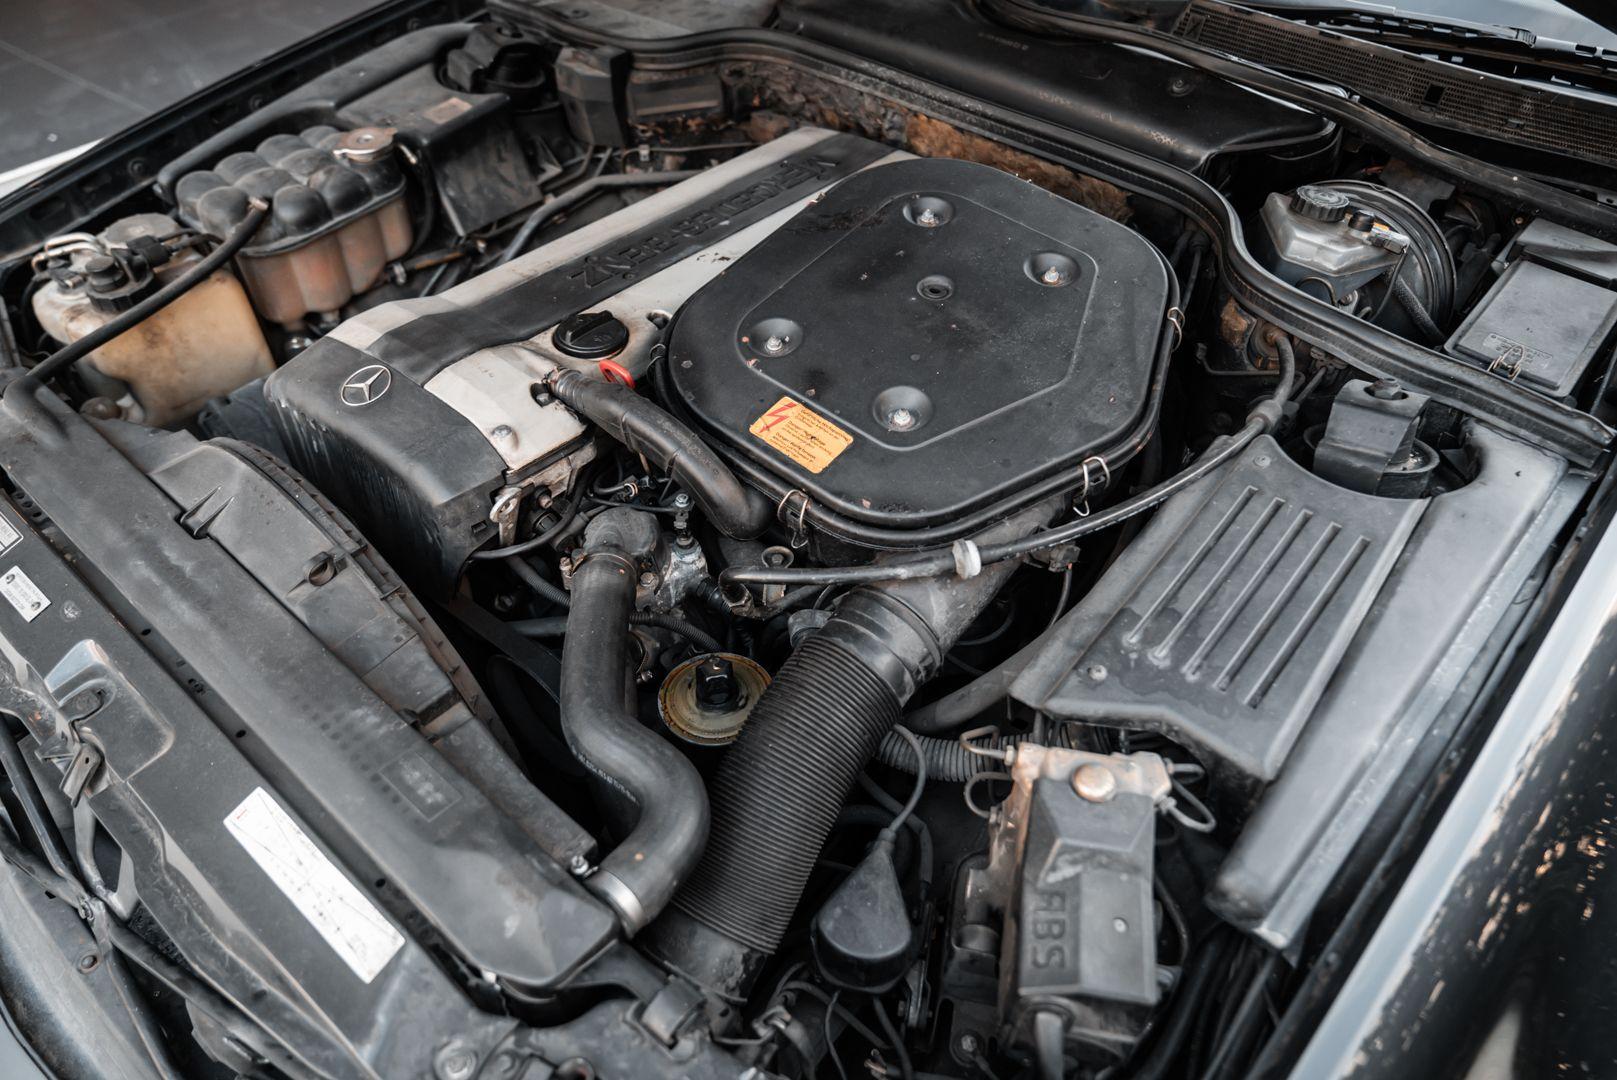 1992 Mercedes Benz 300 SL 24 V 80644